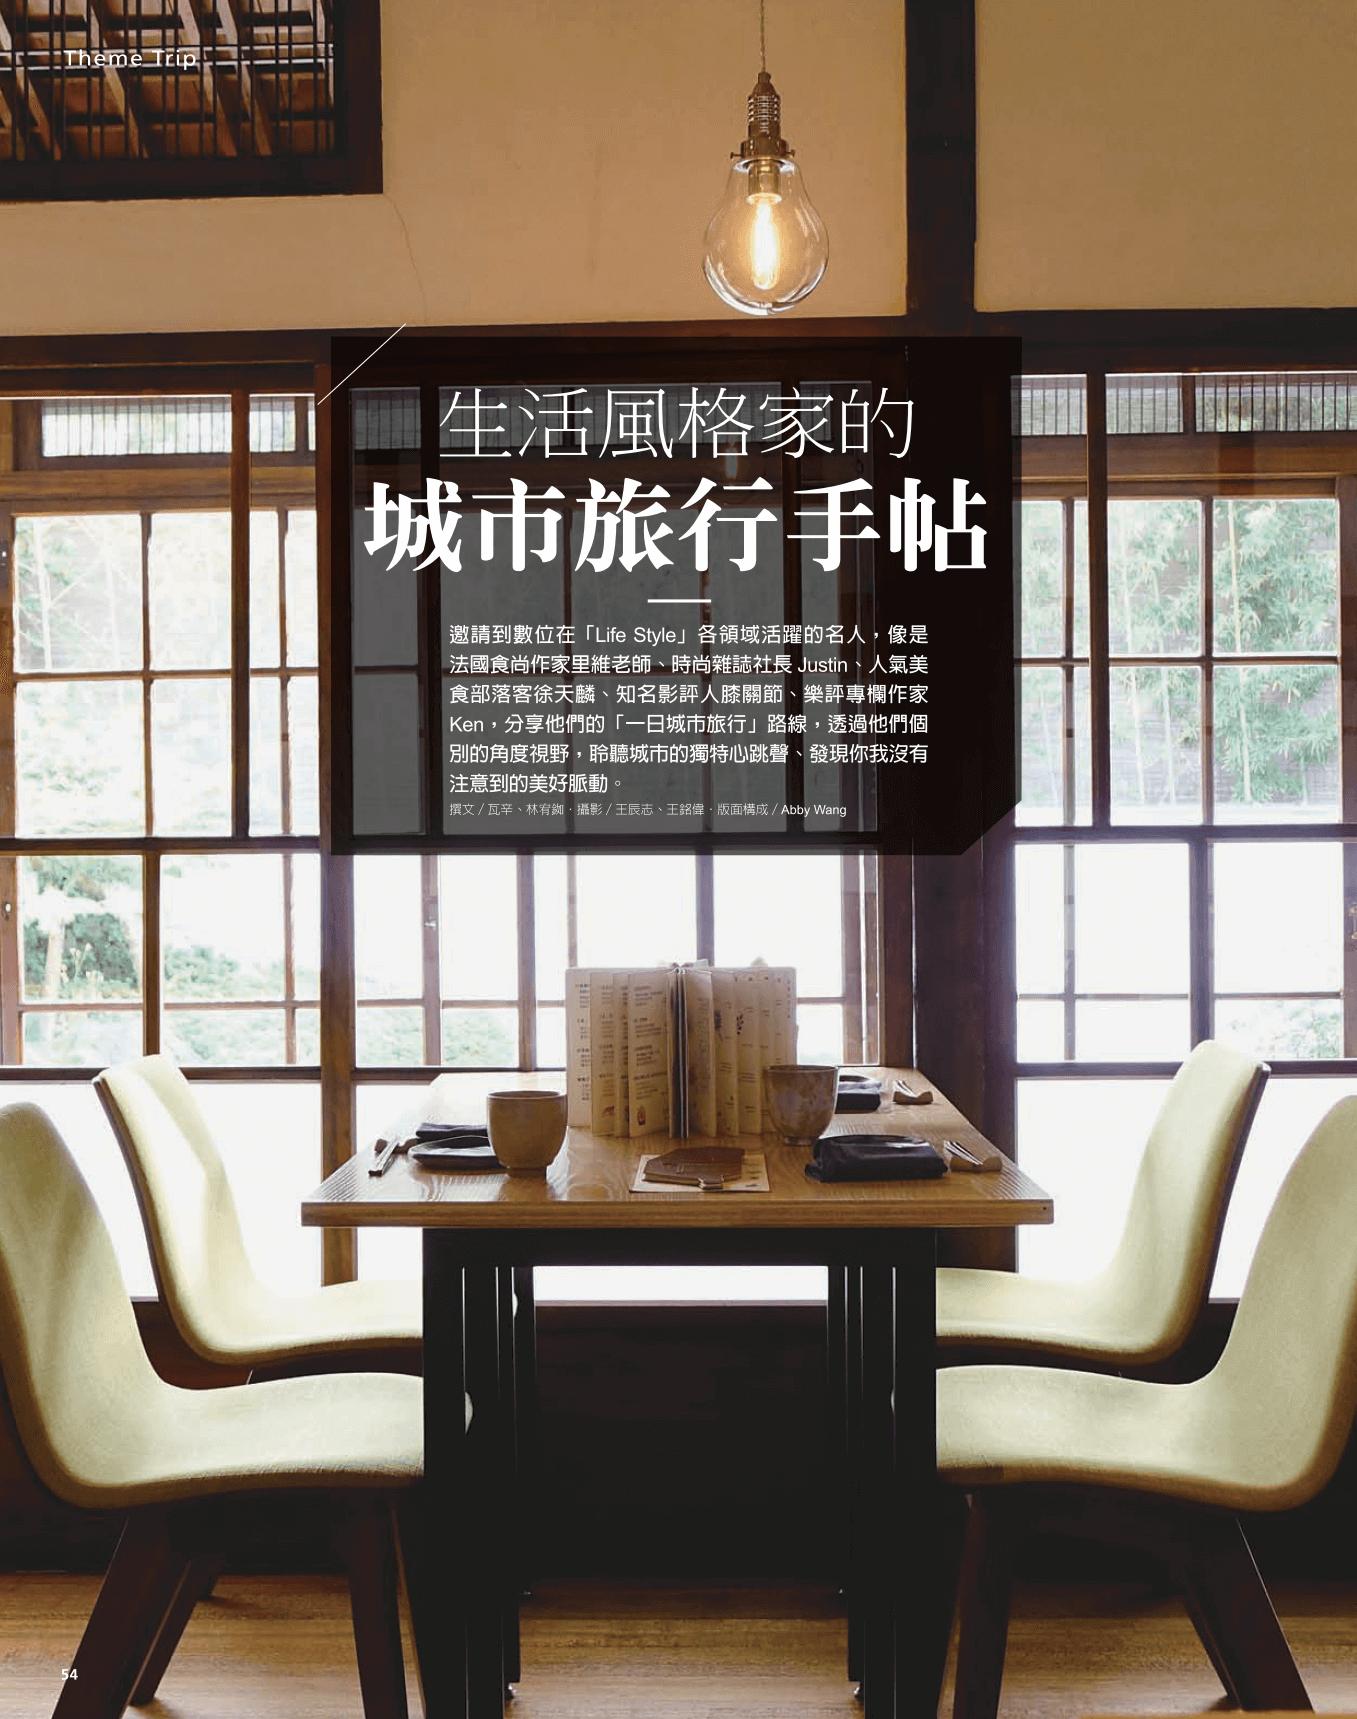 az旅遊生活第166期